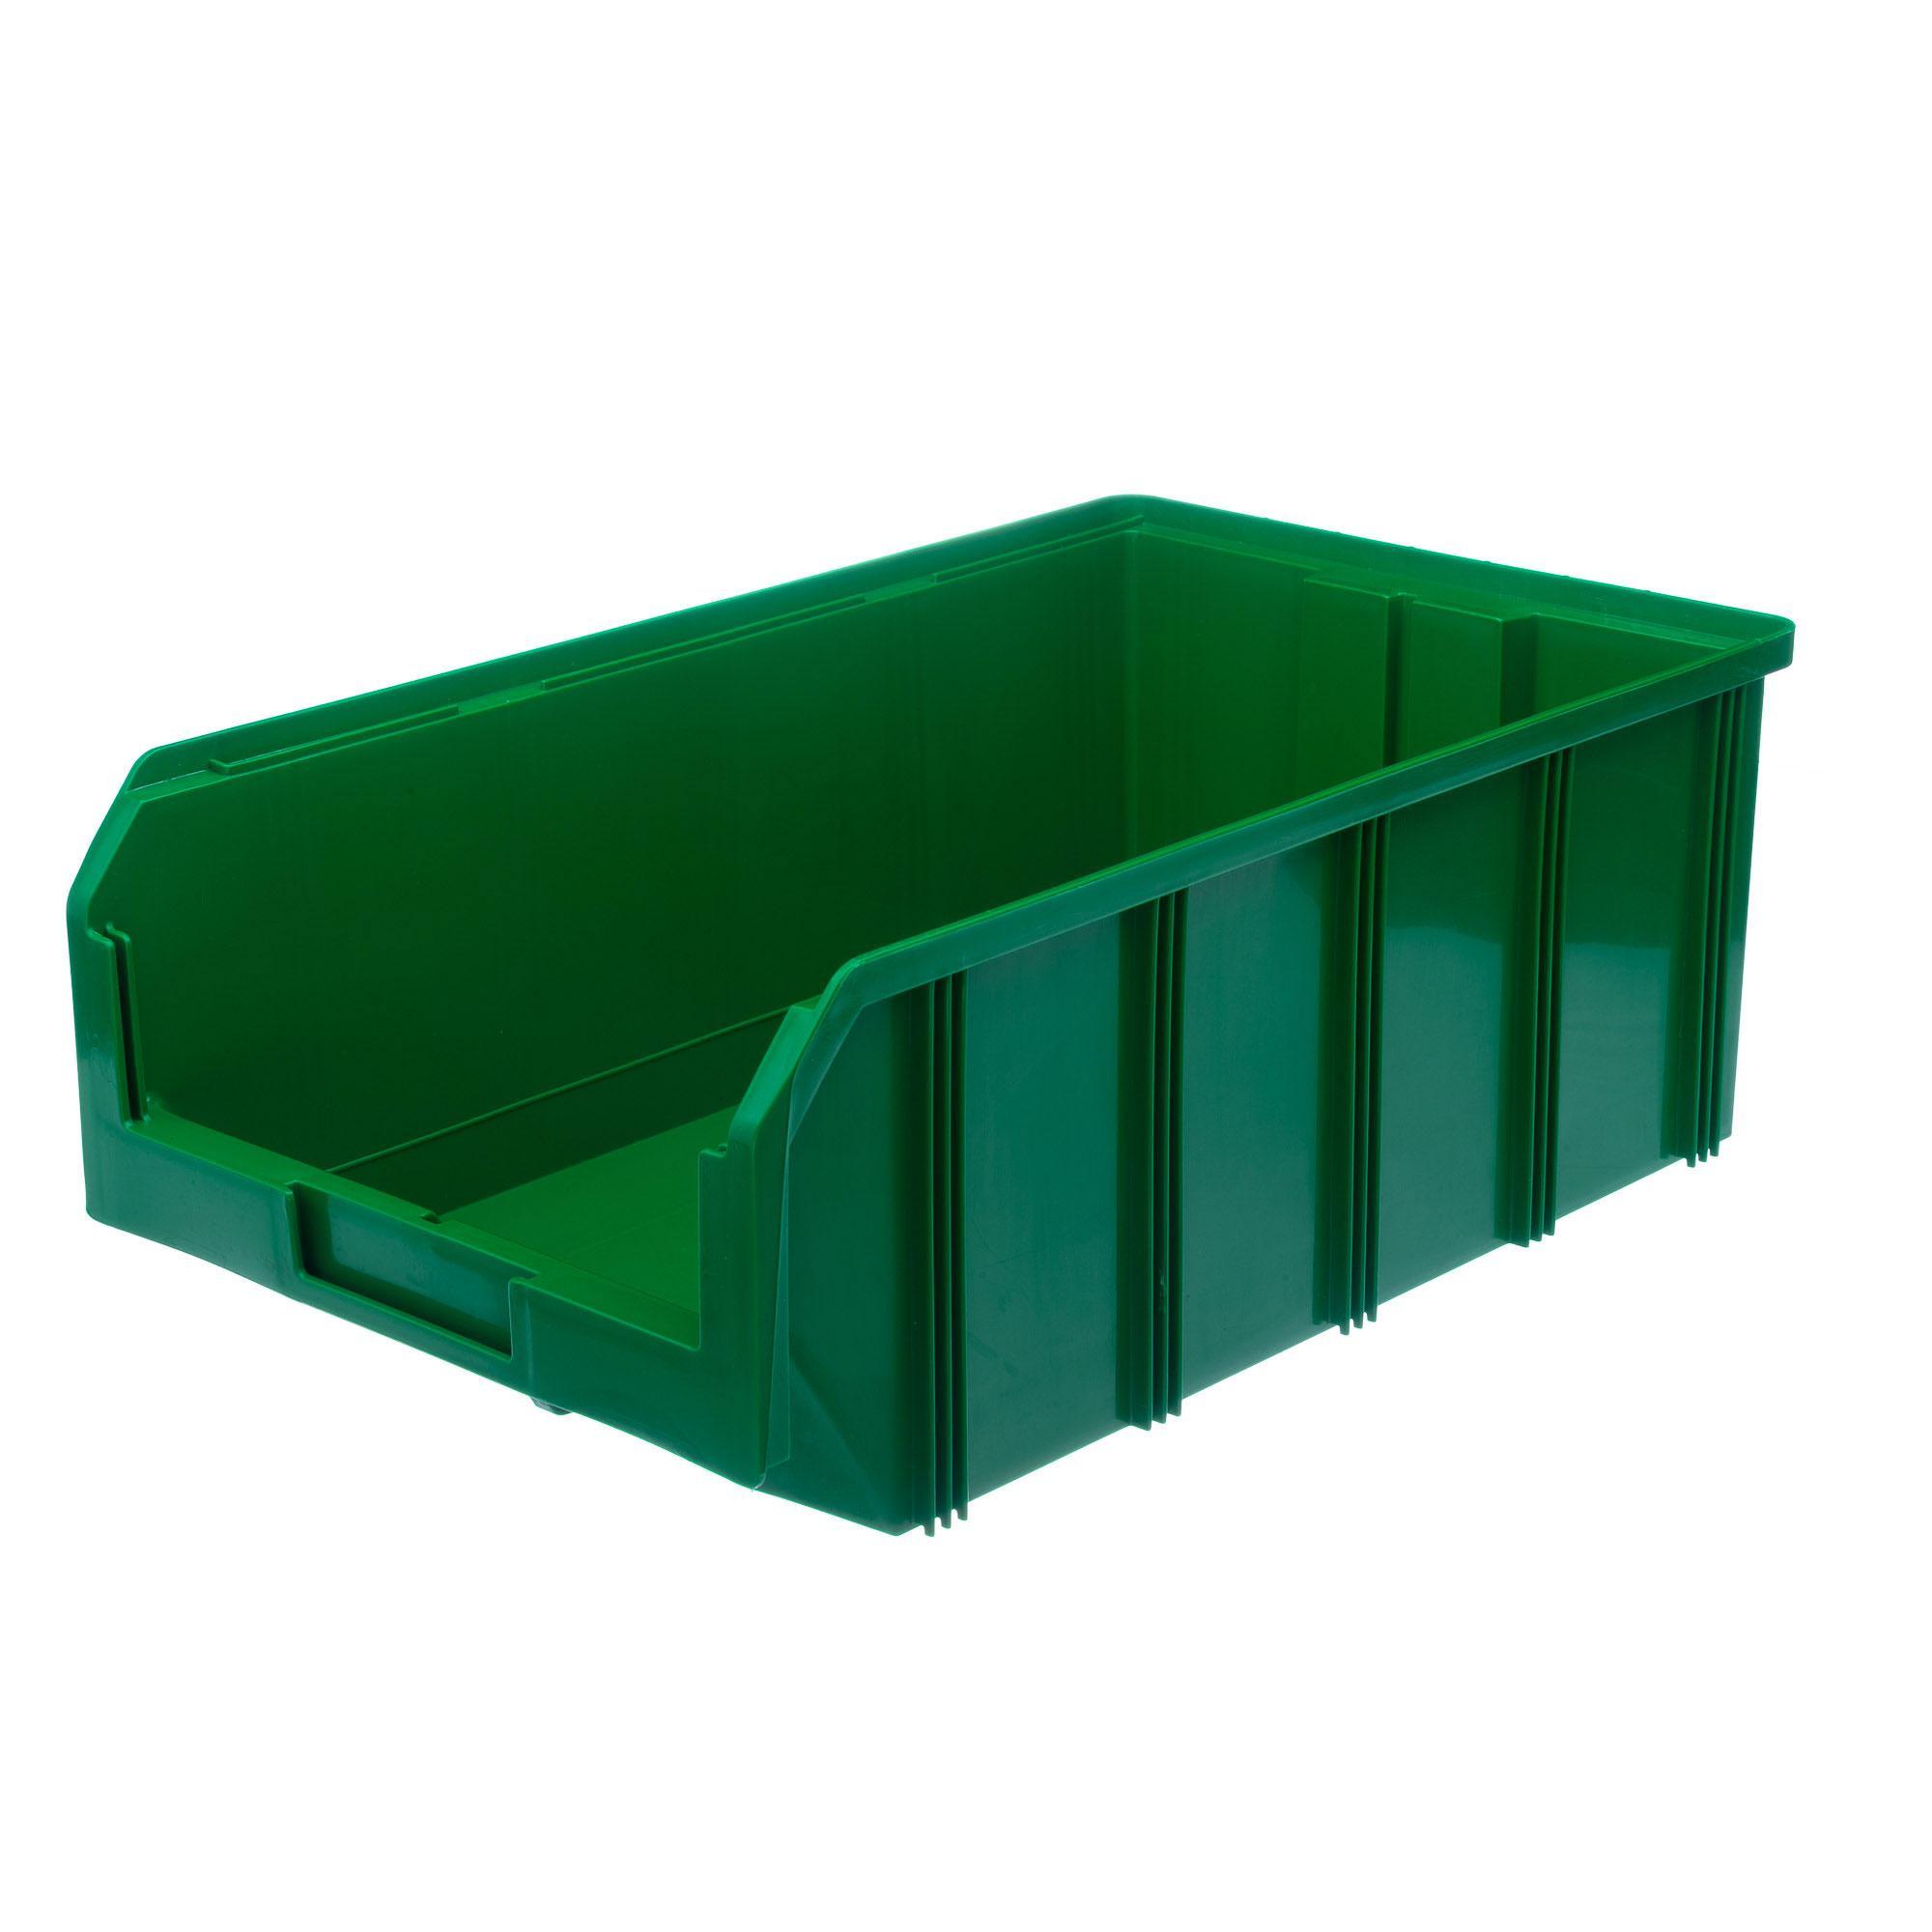 Ящик СТЕЛЛА V-4 зеленый